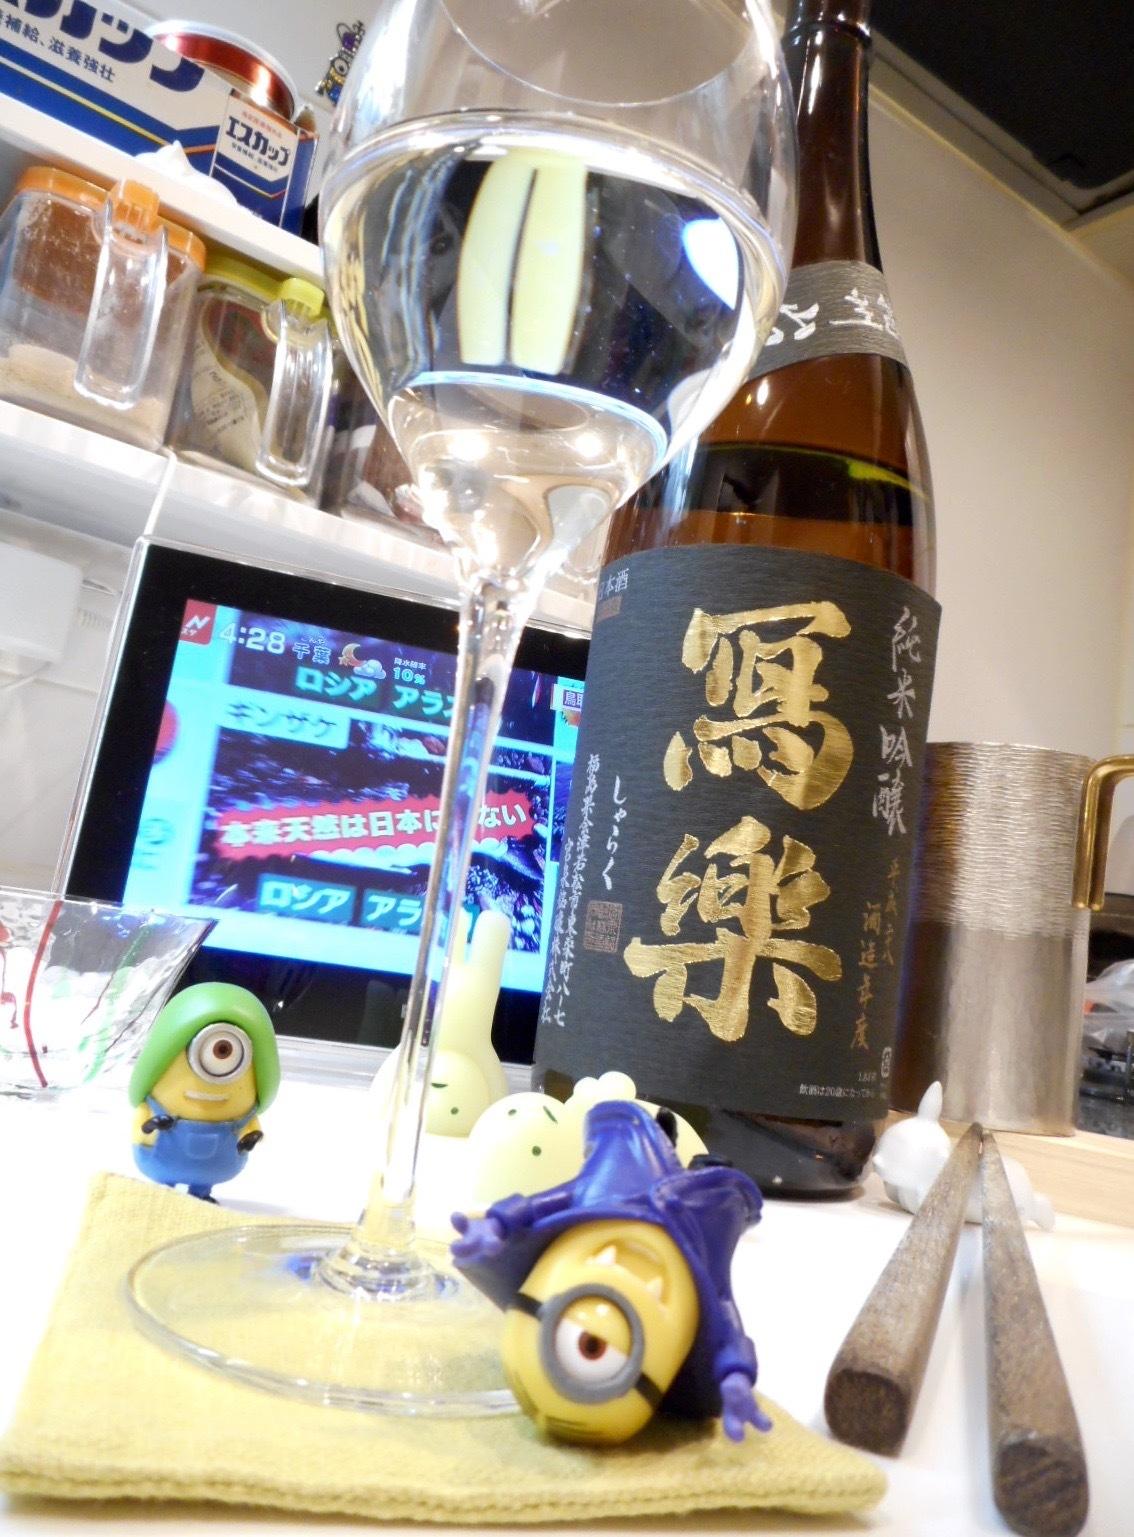 sharaku_yamada50nama28by10.jpg